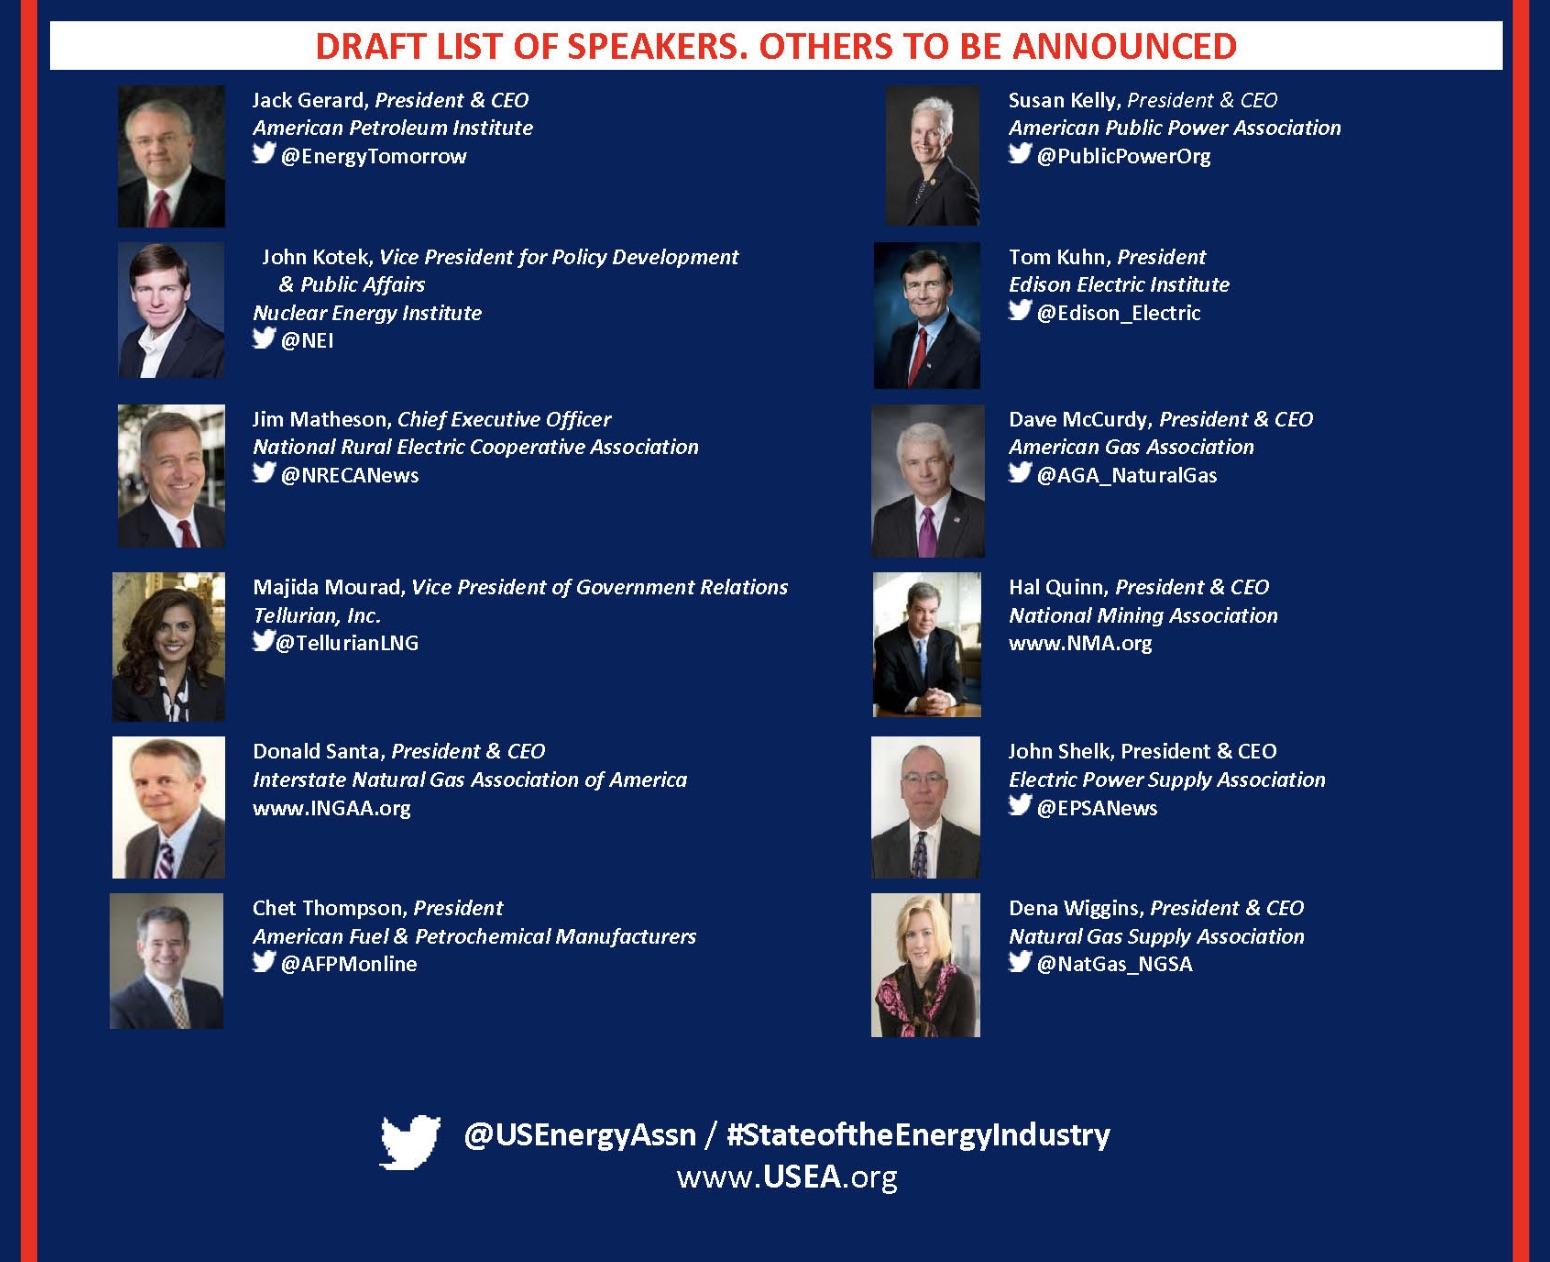 energy-industry-speakers